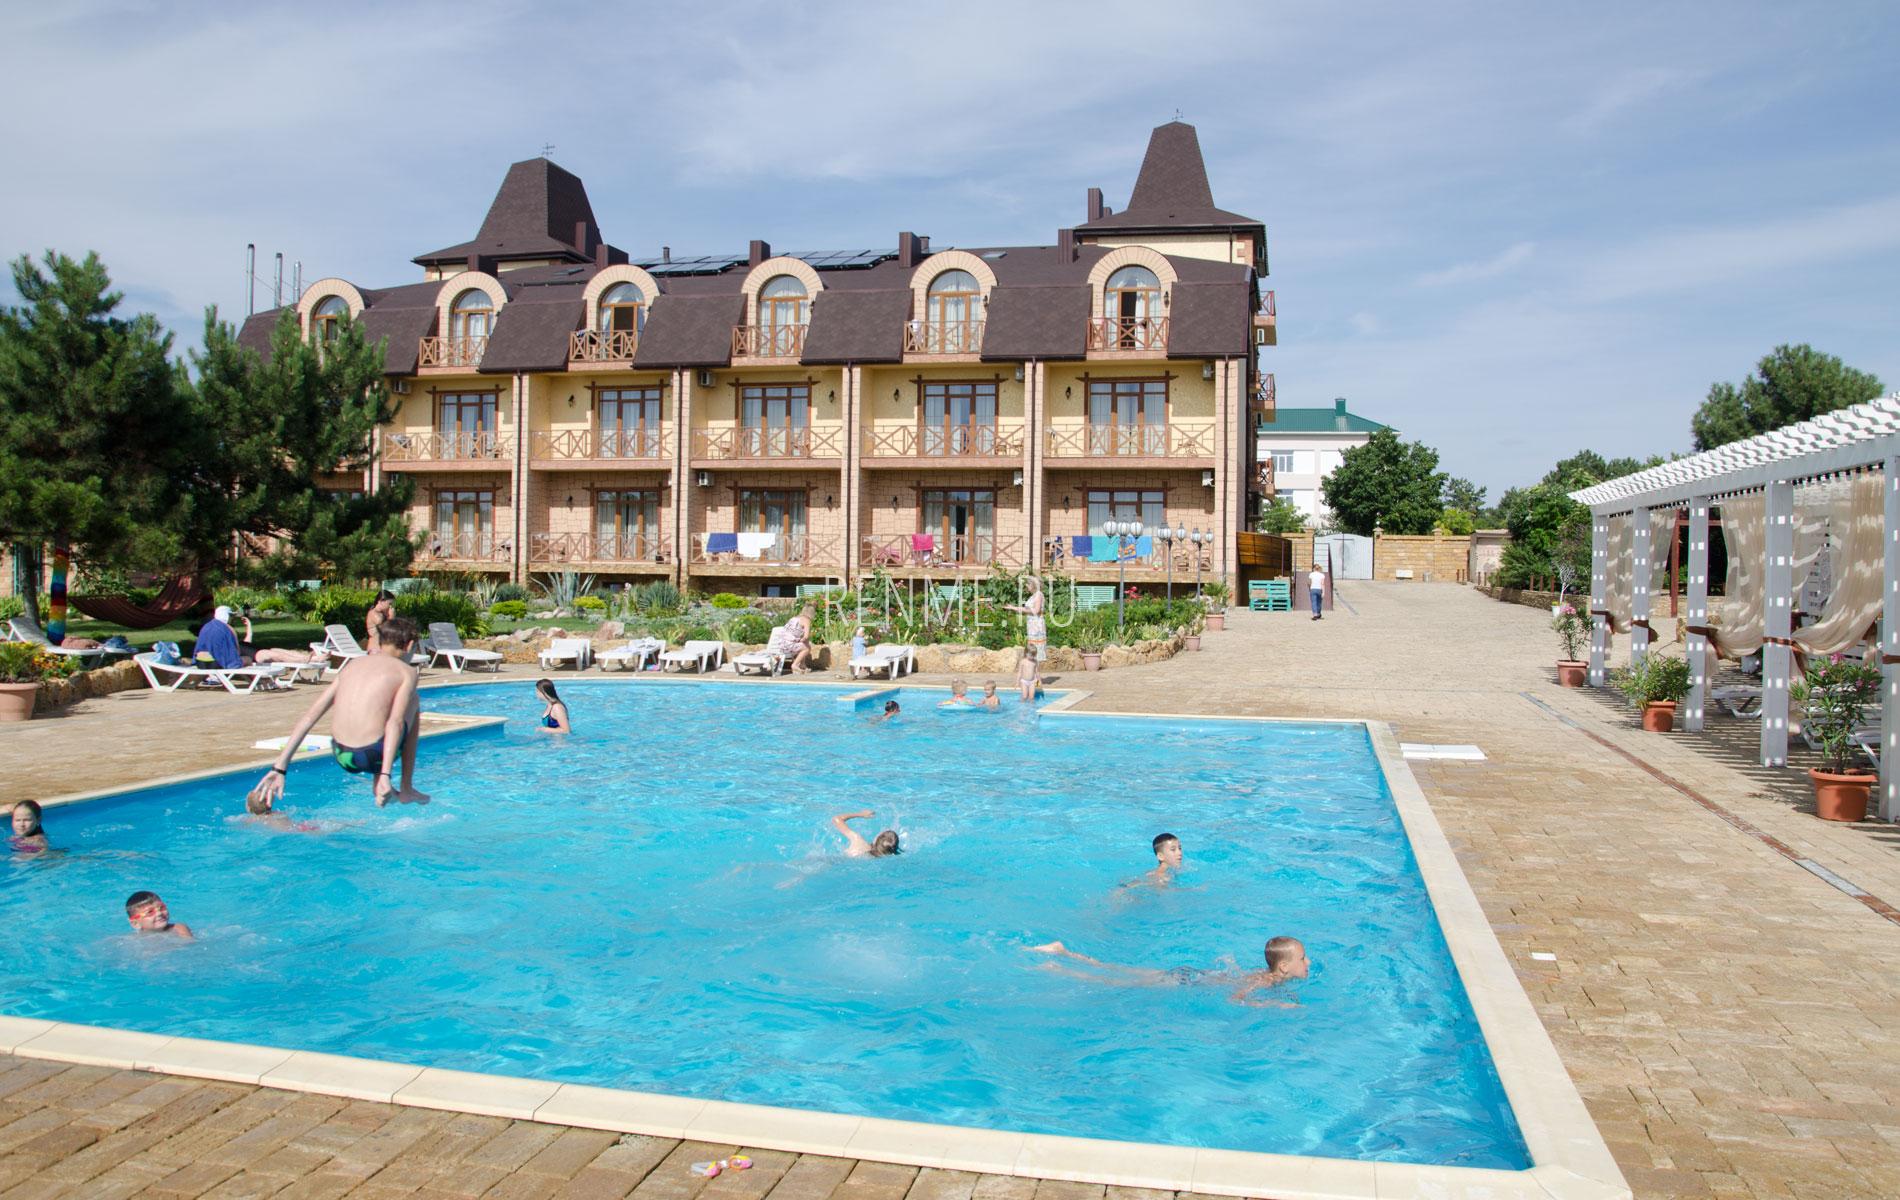 Хороший отель с бассейном в Евпатории. Фото Евпатории